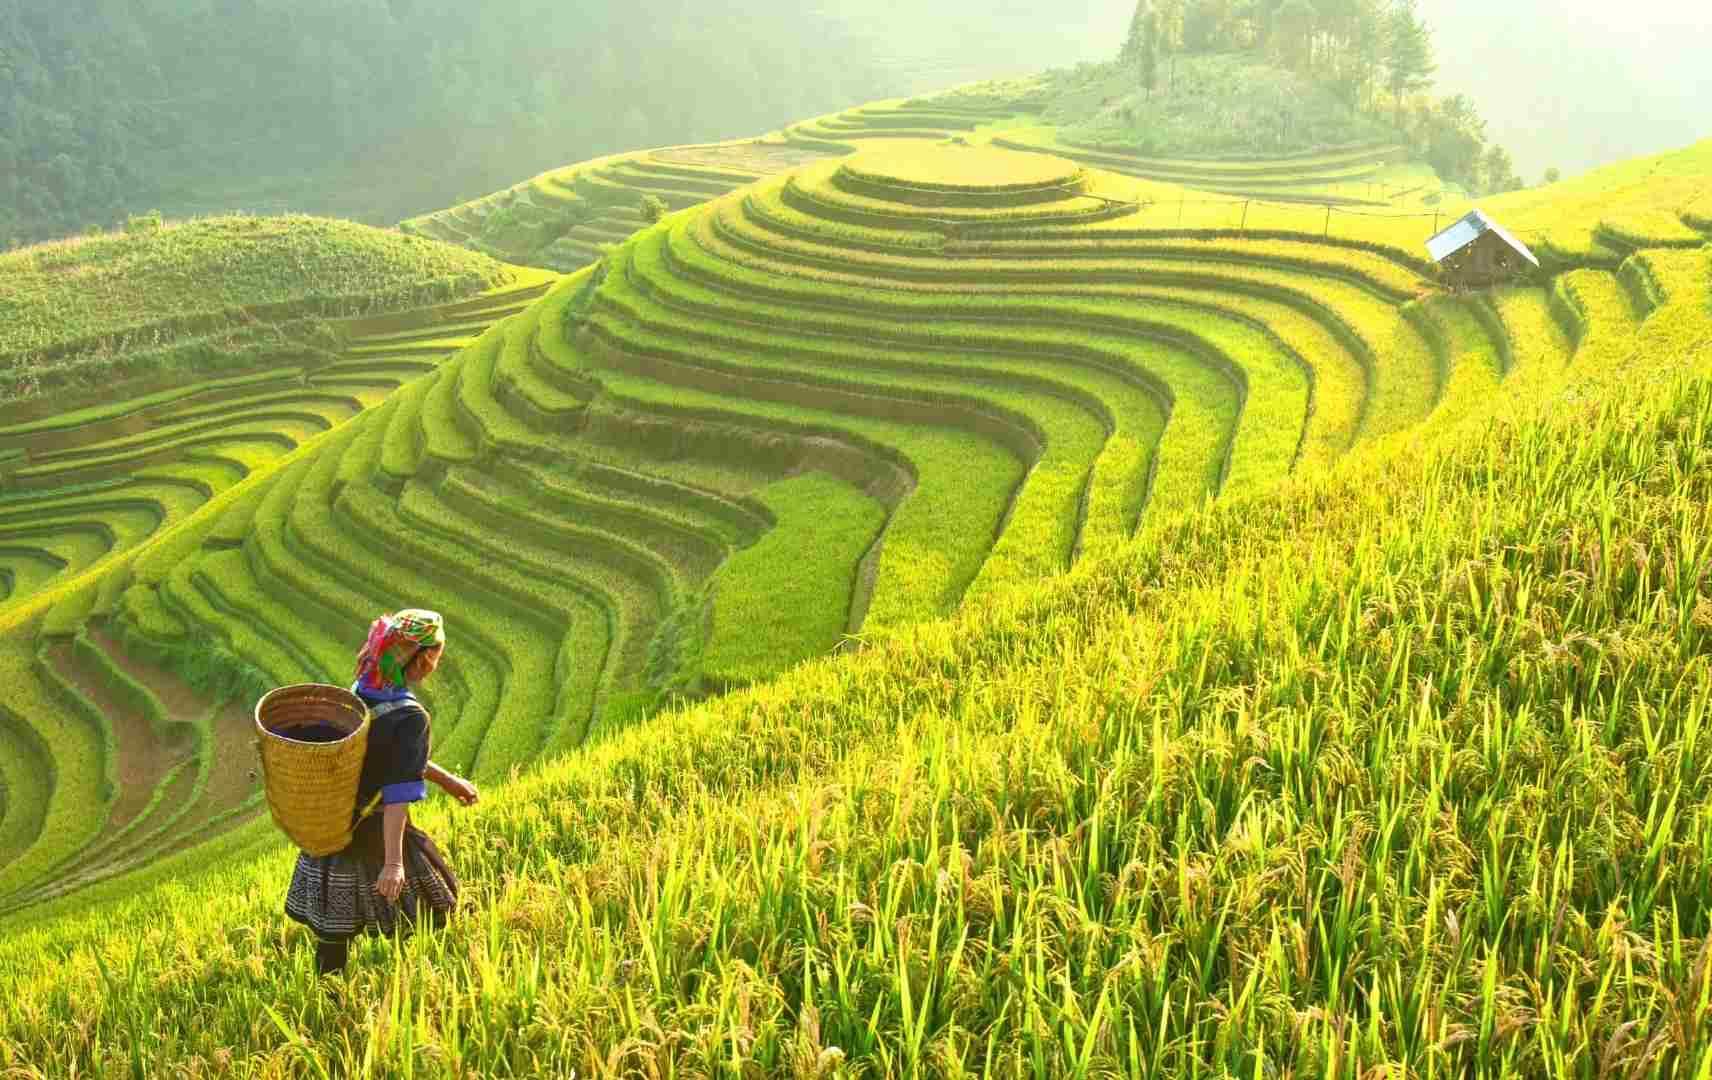 Fernreise Asien - Bali Reisterasse